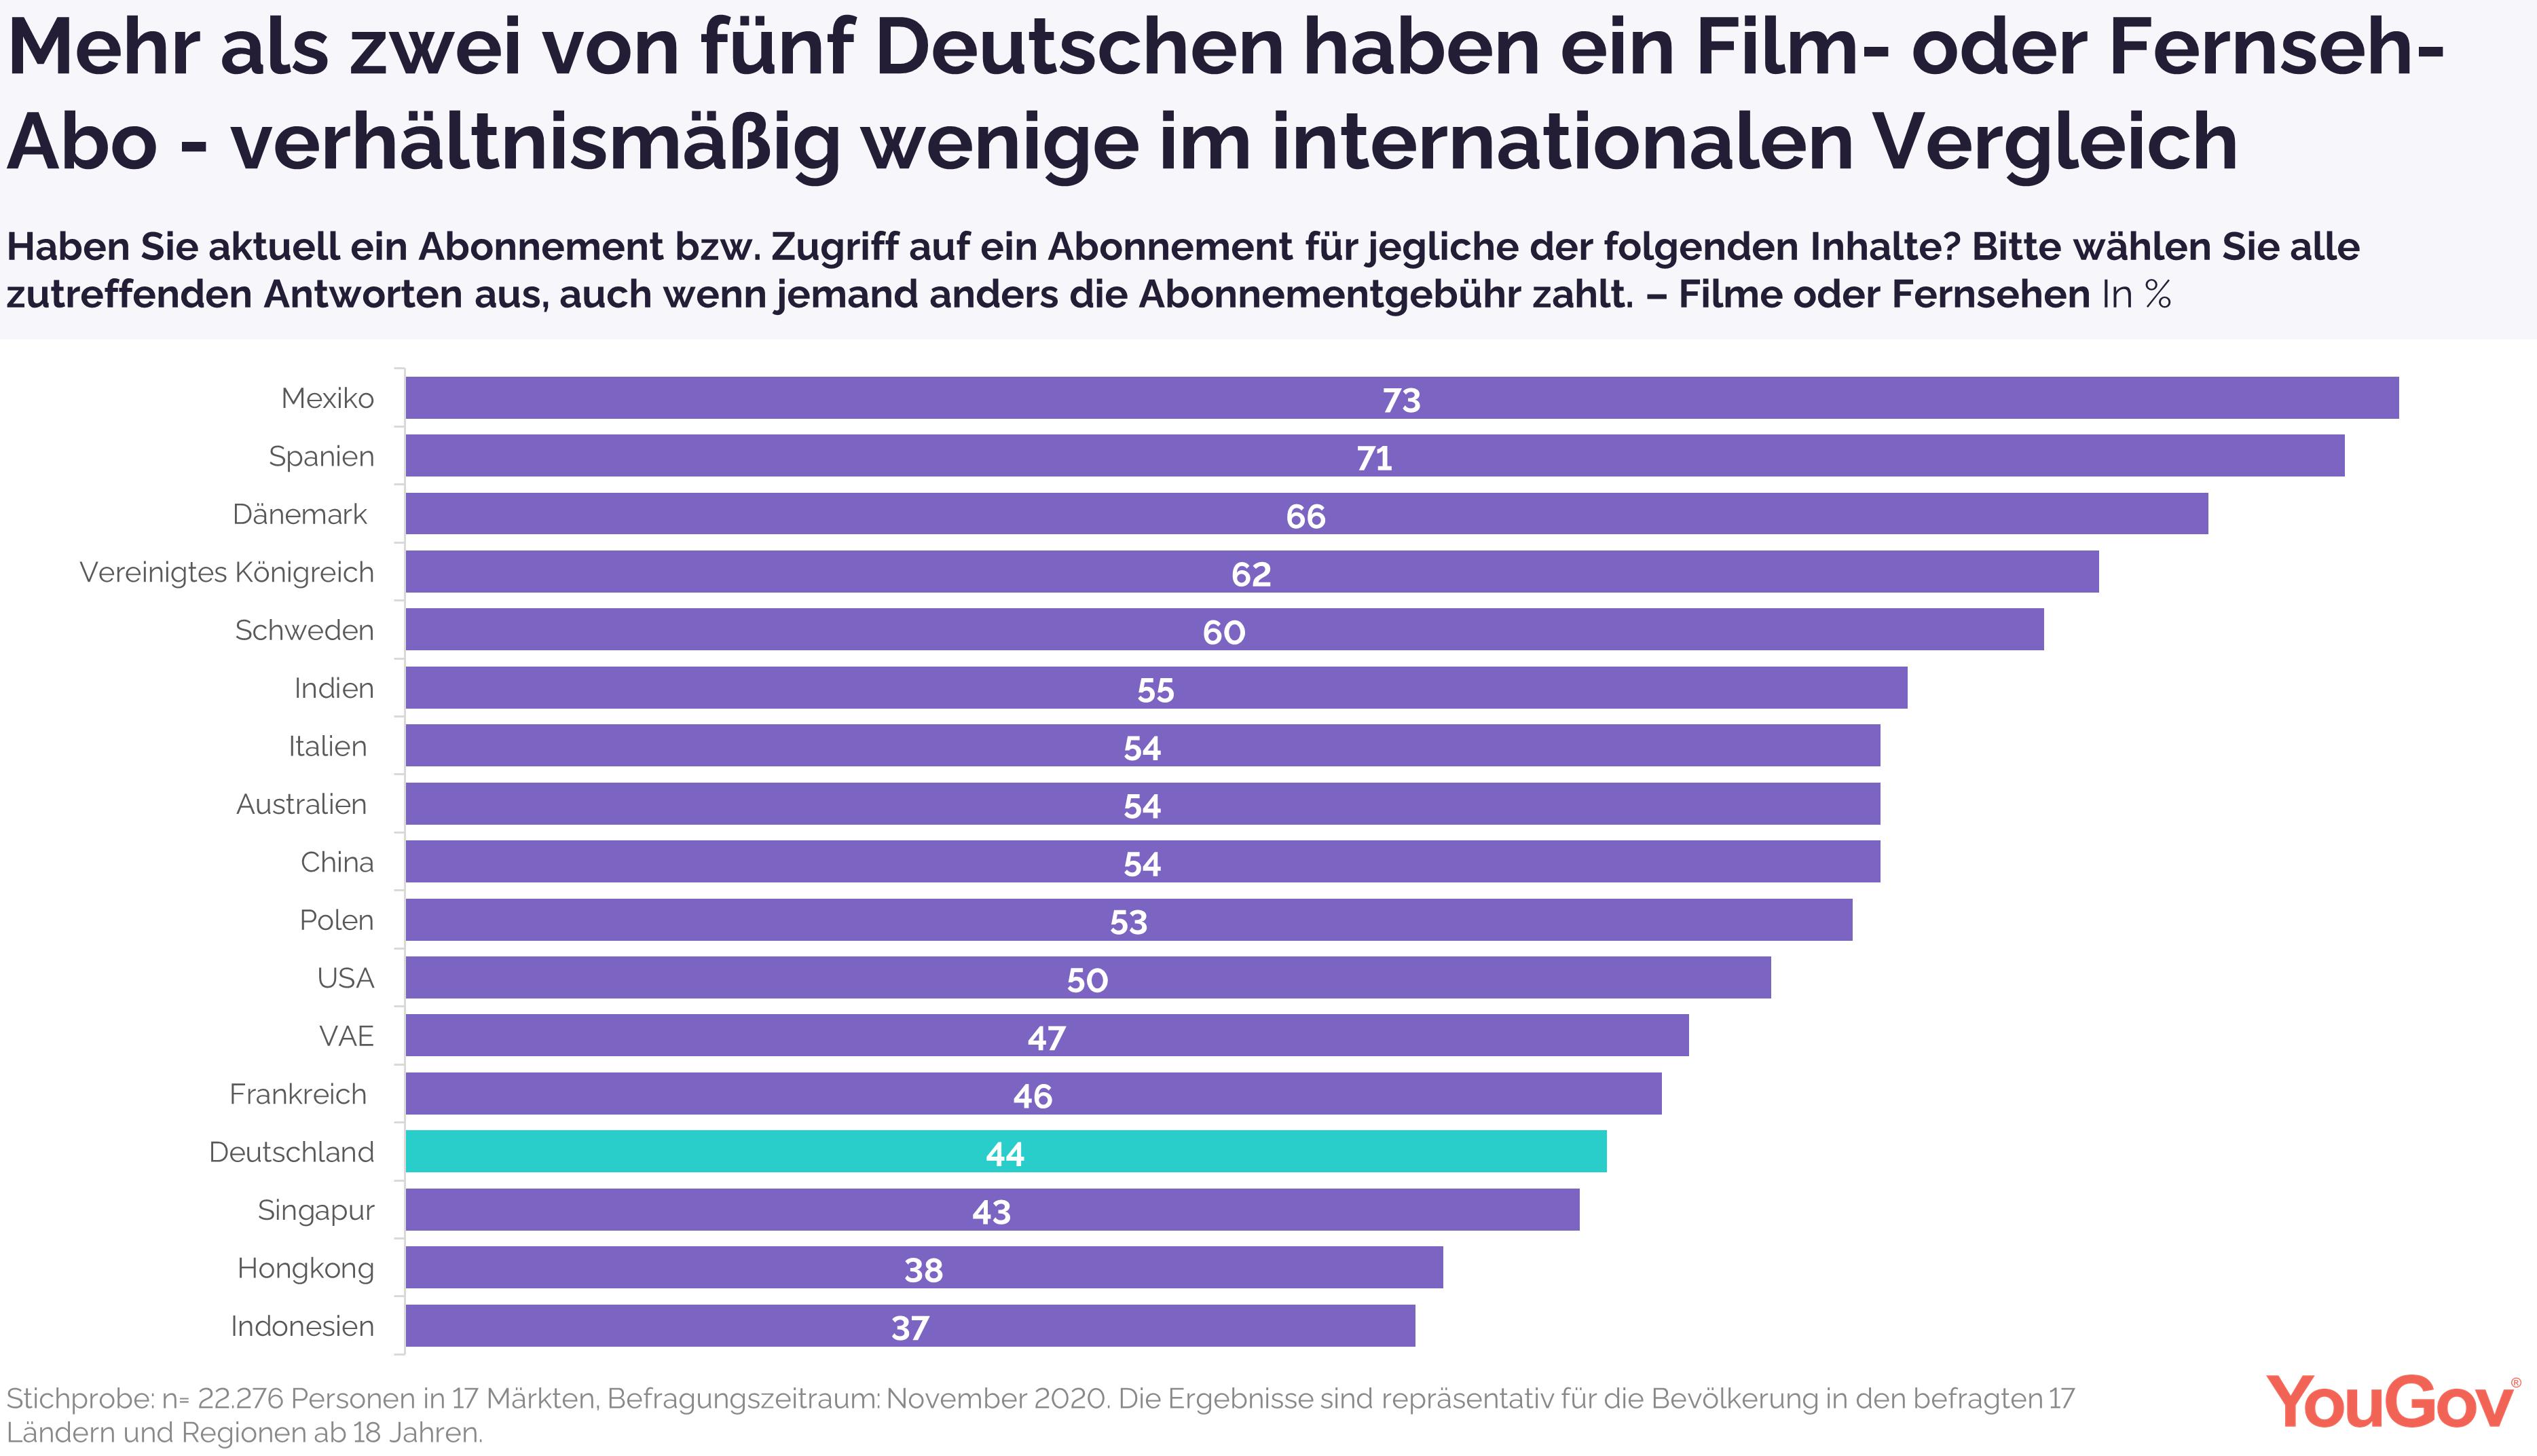 44 Prozent der Deutschen haben ein Film- und Fernsehabo